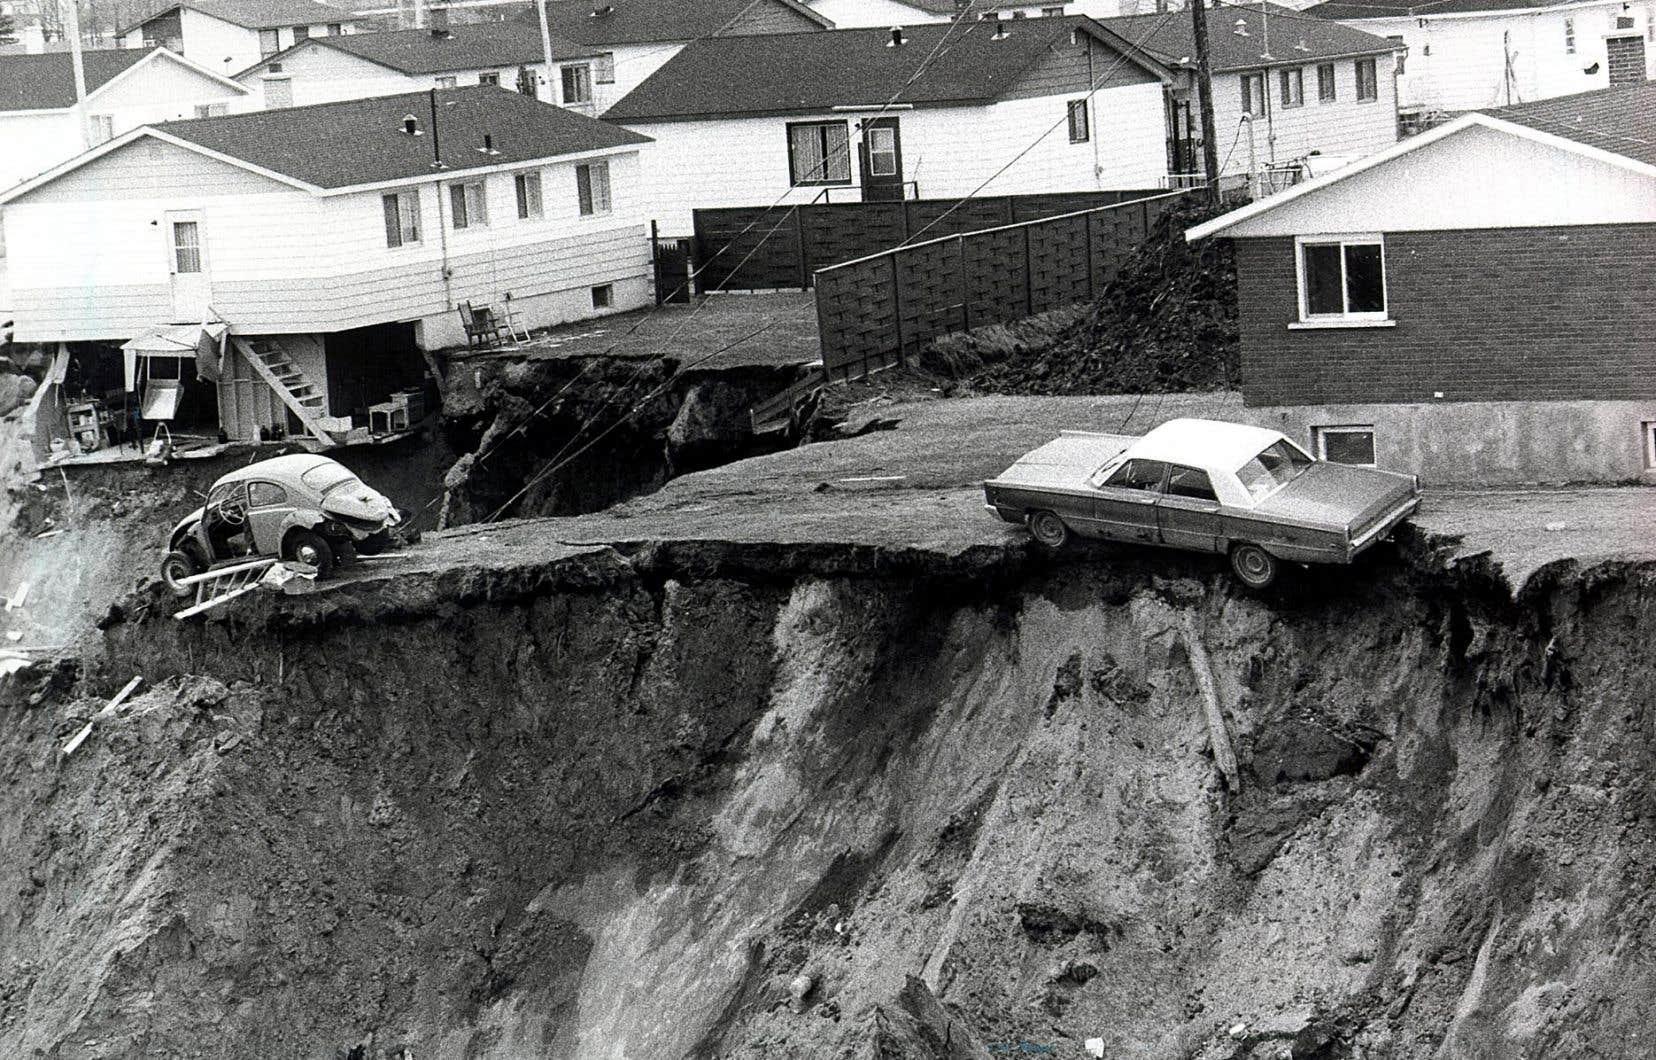 Parmi les plus de 2000 résidents de la municipalité, des centaines ont perdu leur maison et leurs biens qui ont été engloutis dans un cratère de plus d'un kilomètre de long.